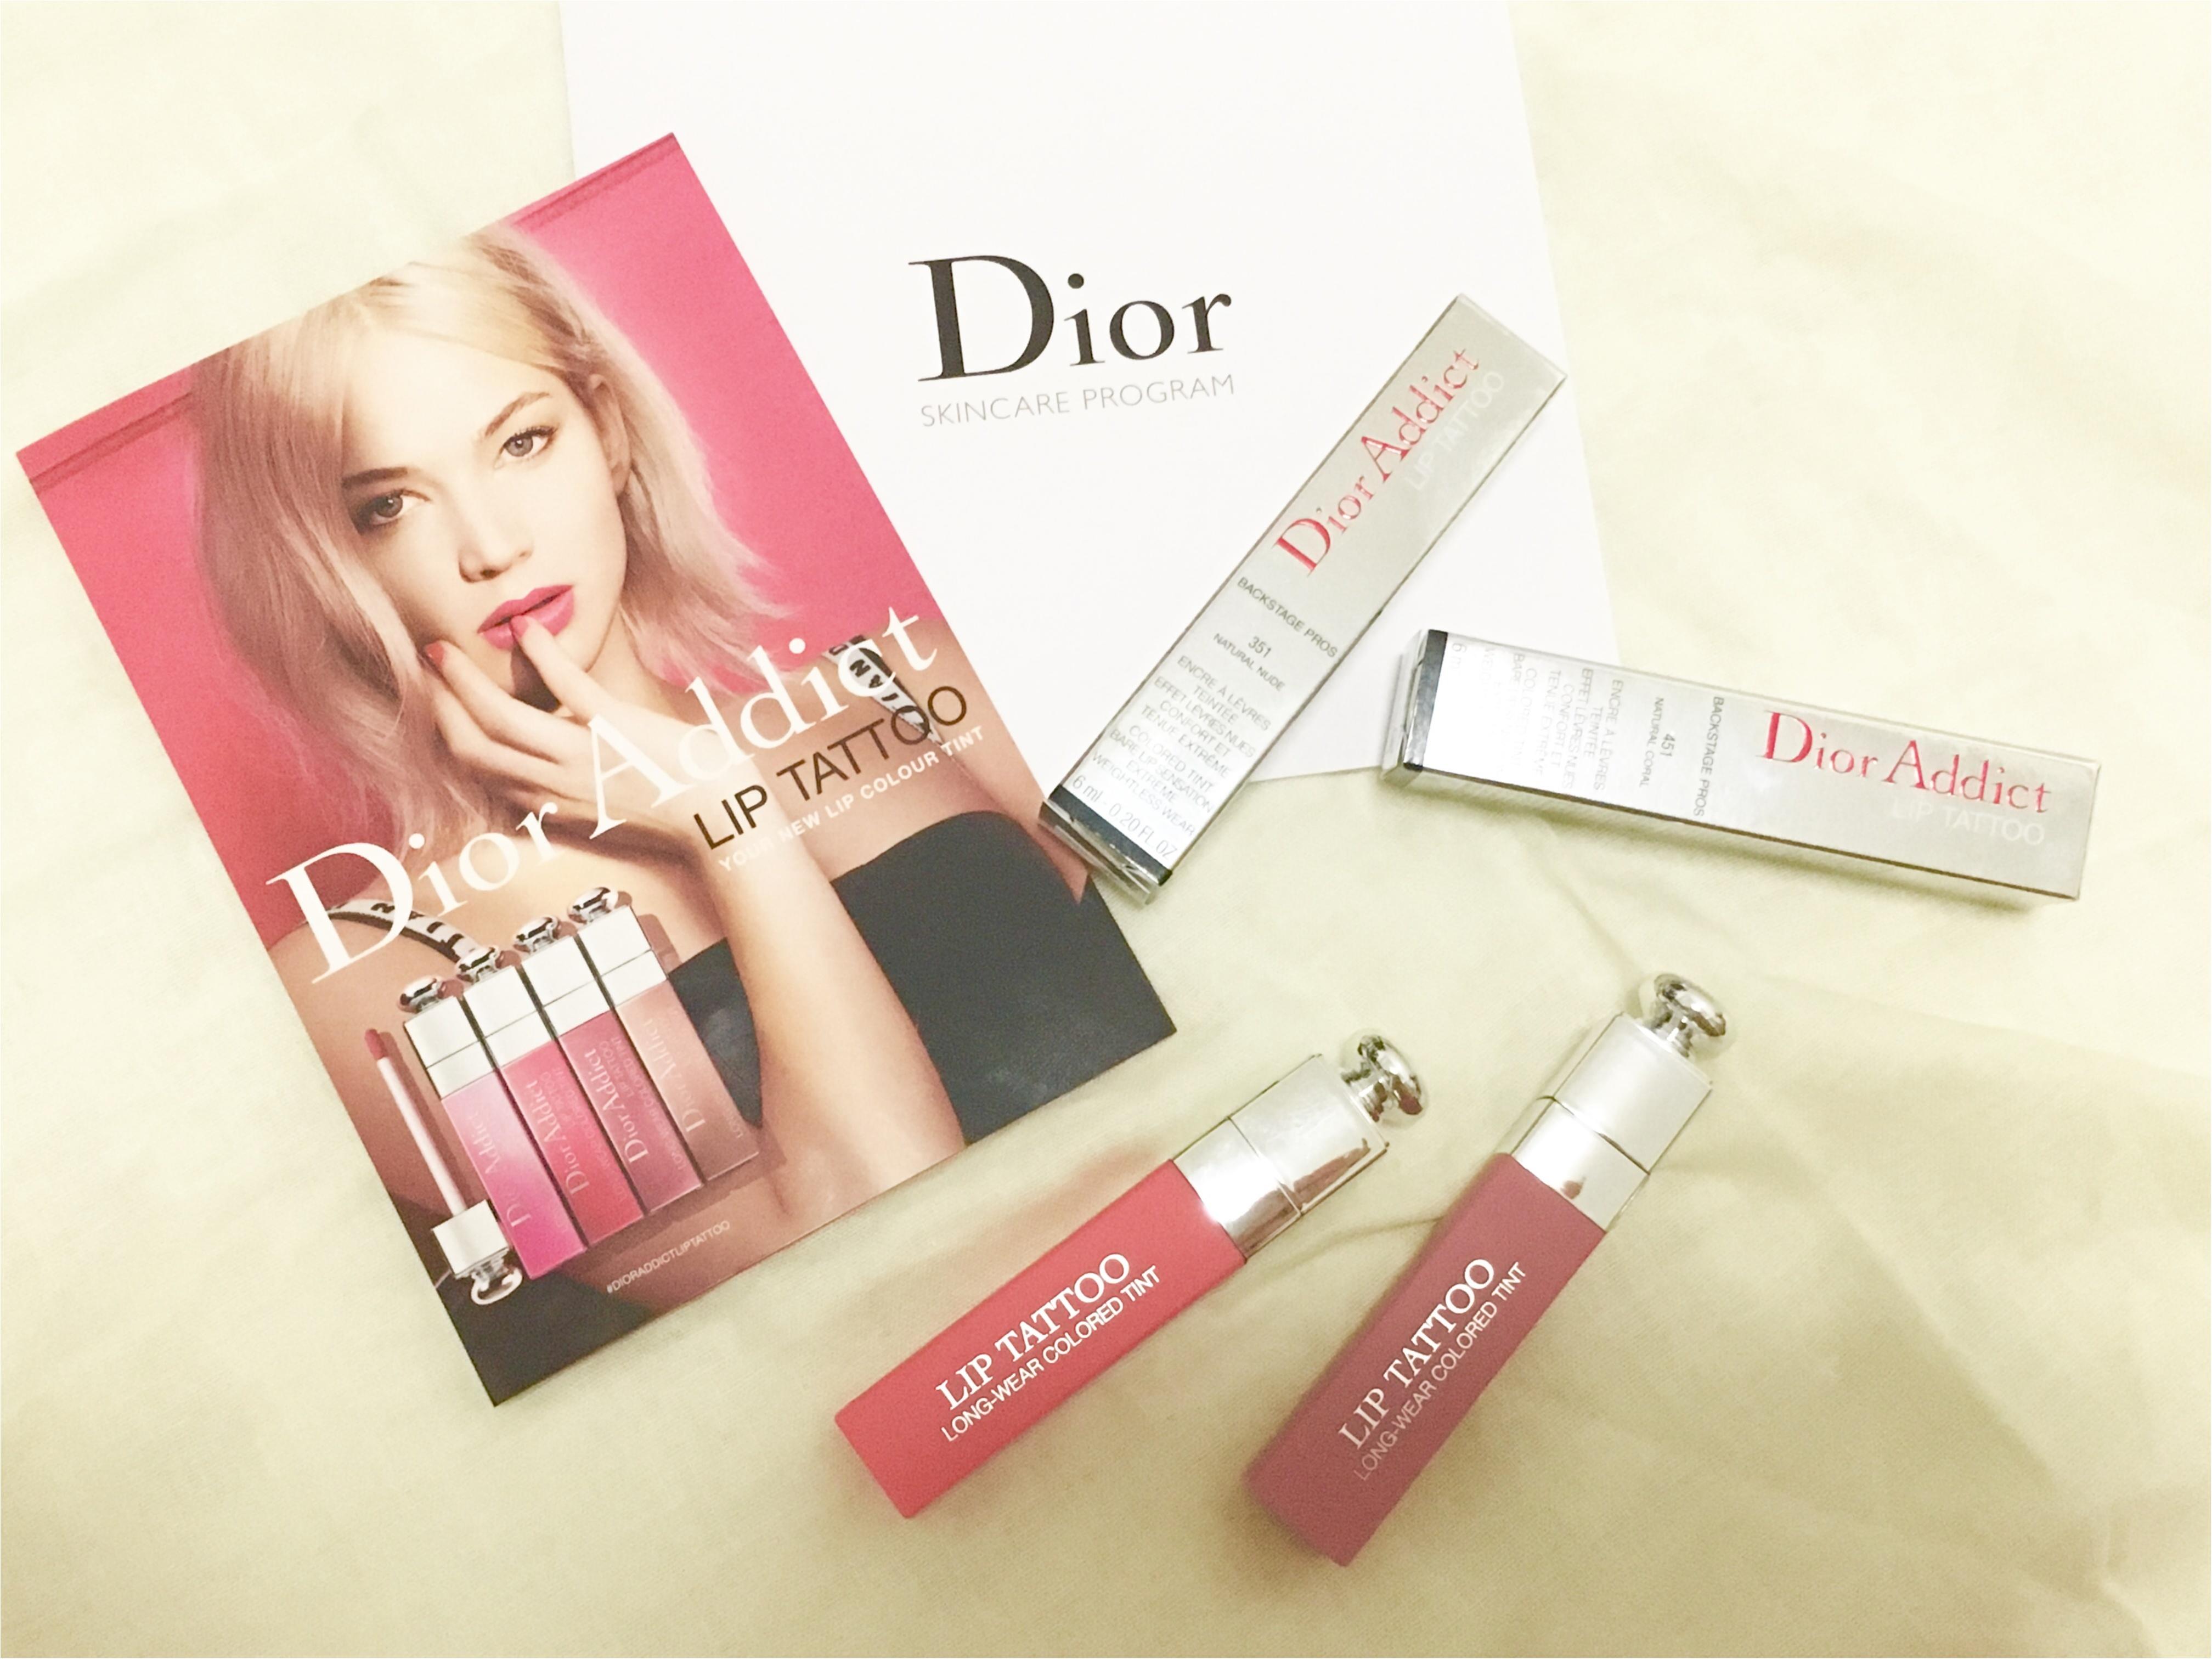 話題のリップが先行発売中❤️10時間耐久⁈【Dior ADDICT】リップタトゥーが超優秀!!_8